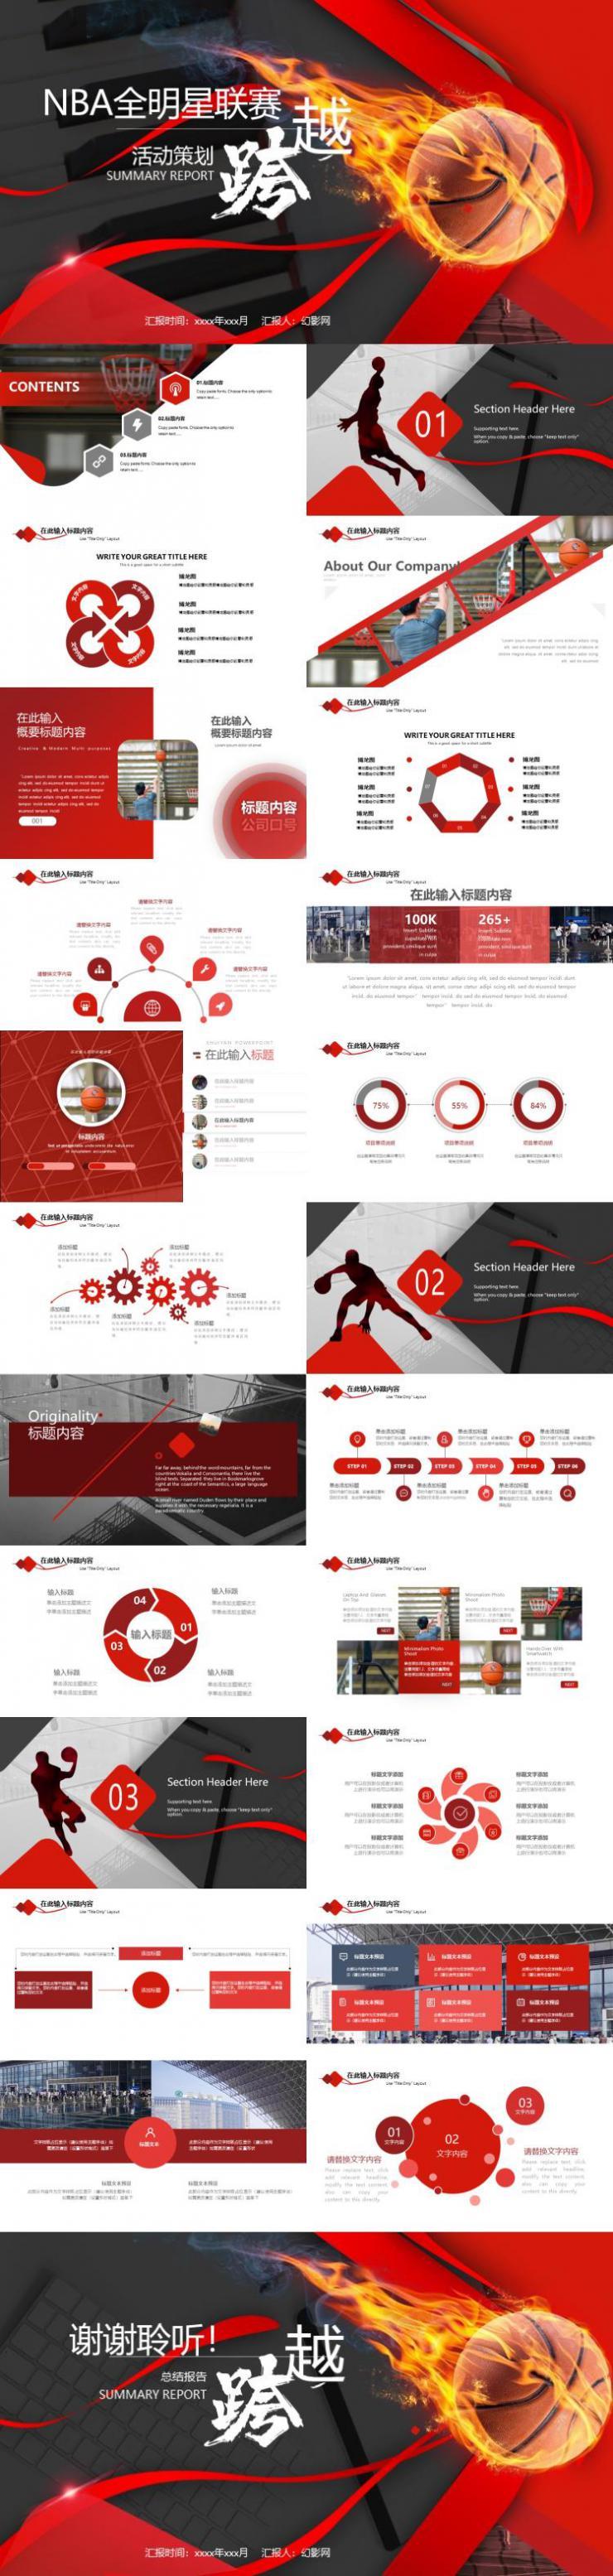 红色NBA全明星联赛PPT模板